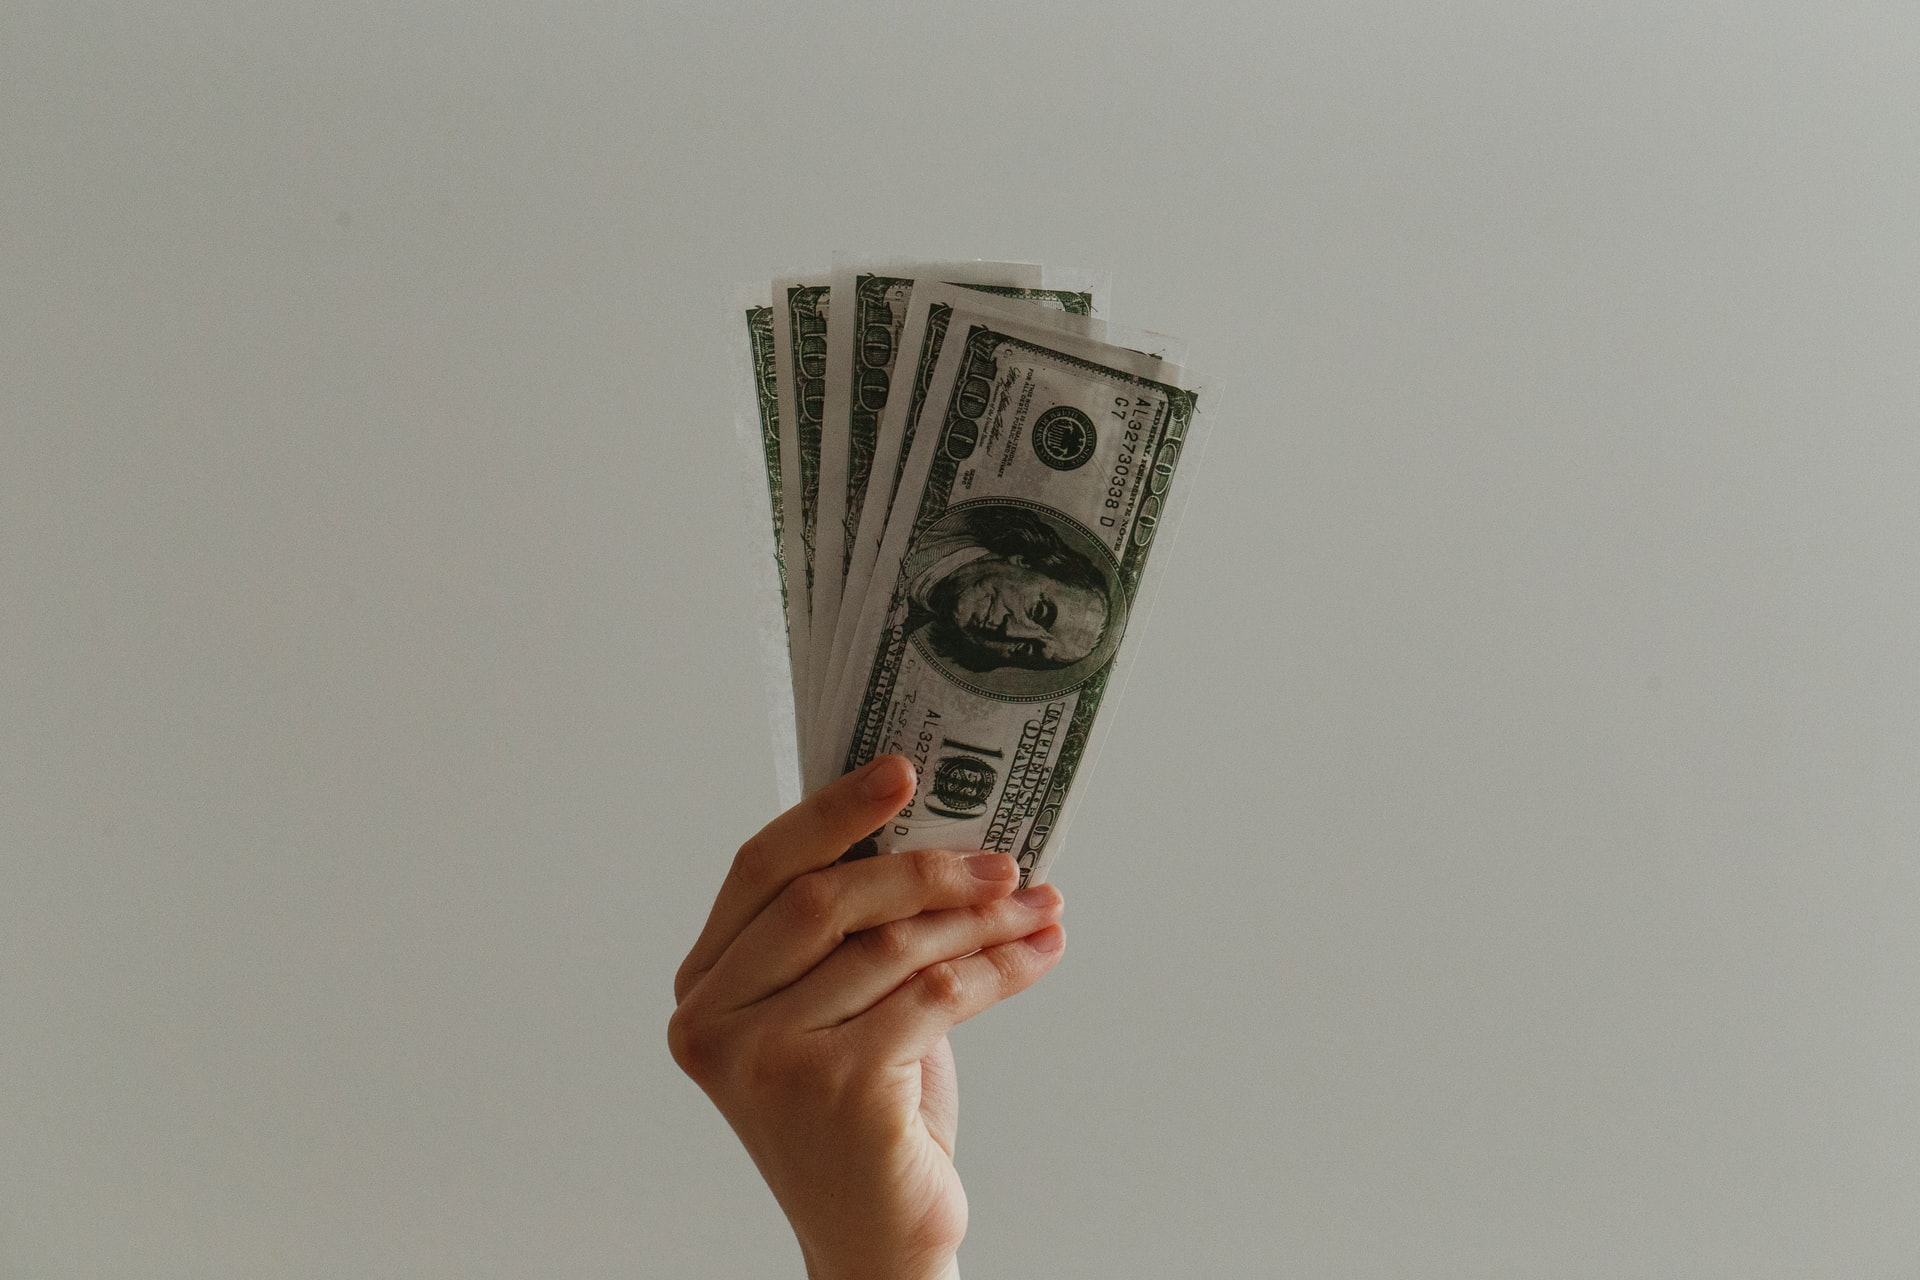 Dados podem te ajudar a conseguir um aumento de salário na indústria. Descubra como